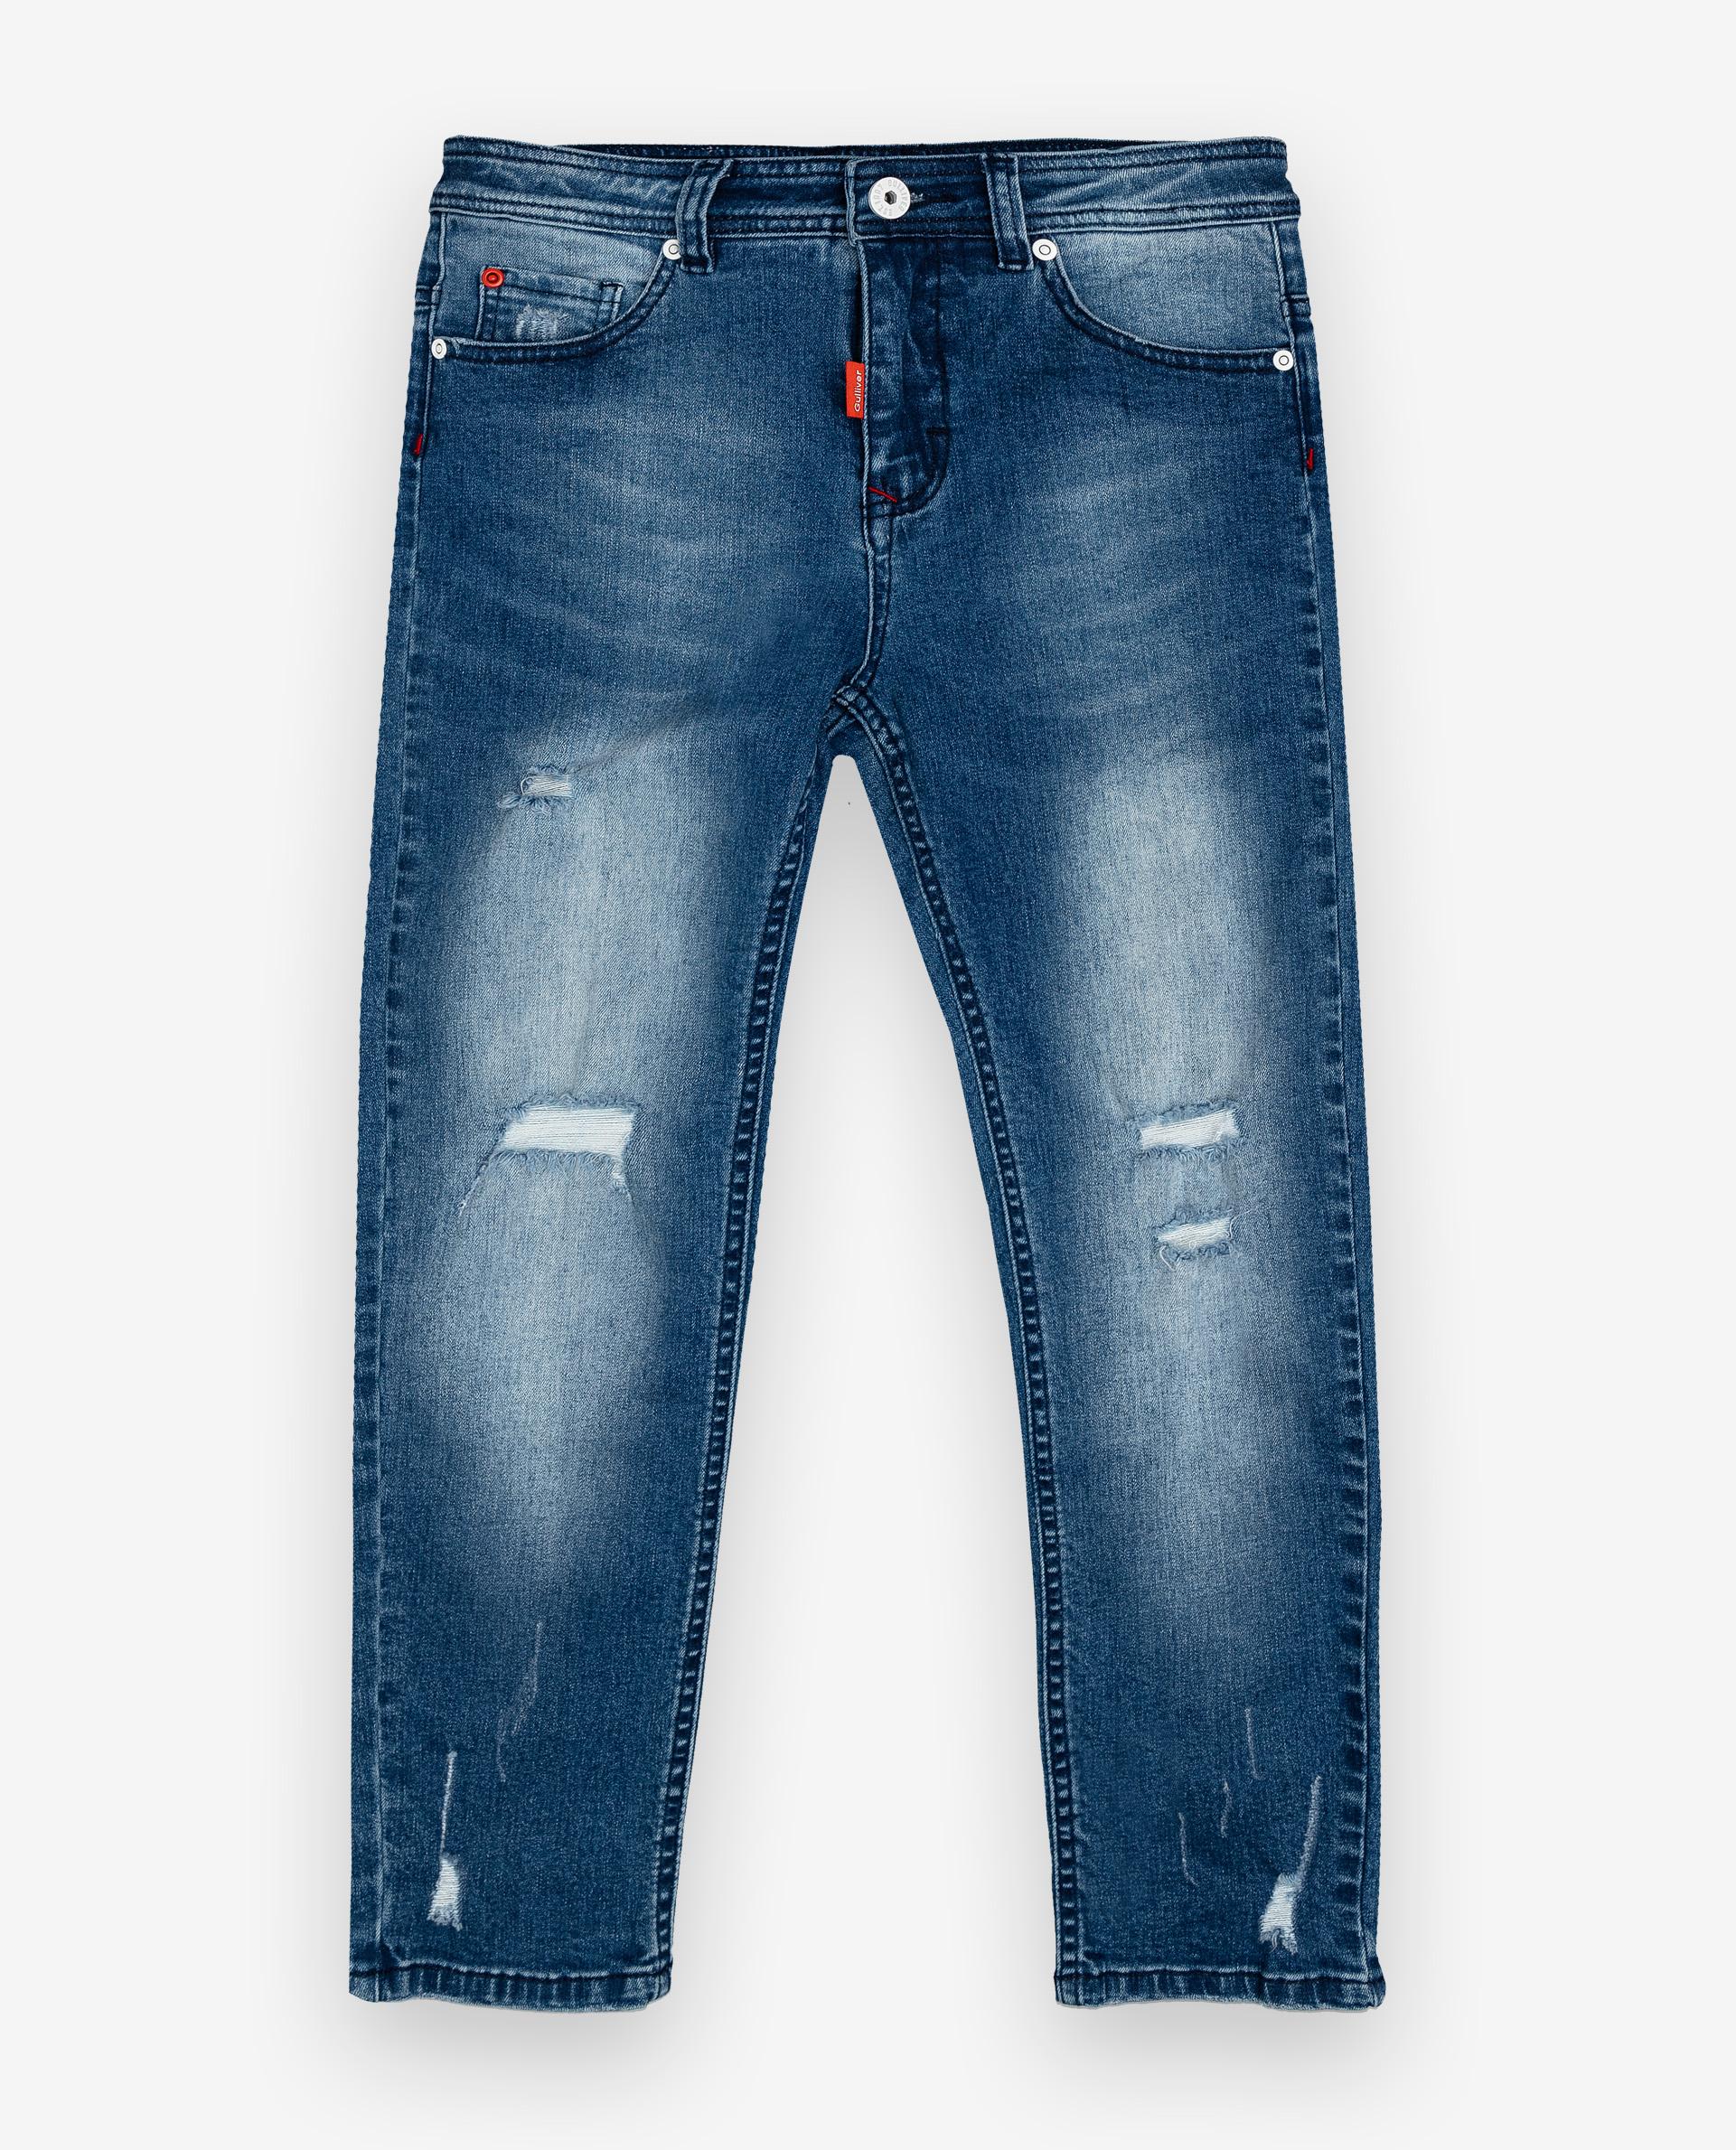 Купить 12012BJC6308, Голубые джинсы Gulliver, голубой, 158, Мужской, ОСЕНЬ/ЗИМА 2020-2021 (shop: GulliverMarket Gulliver Market)